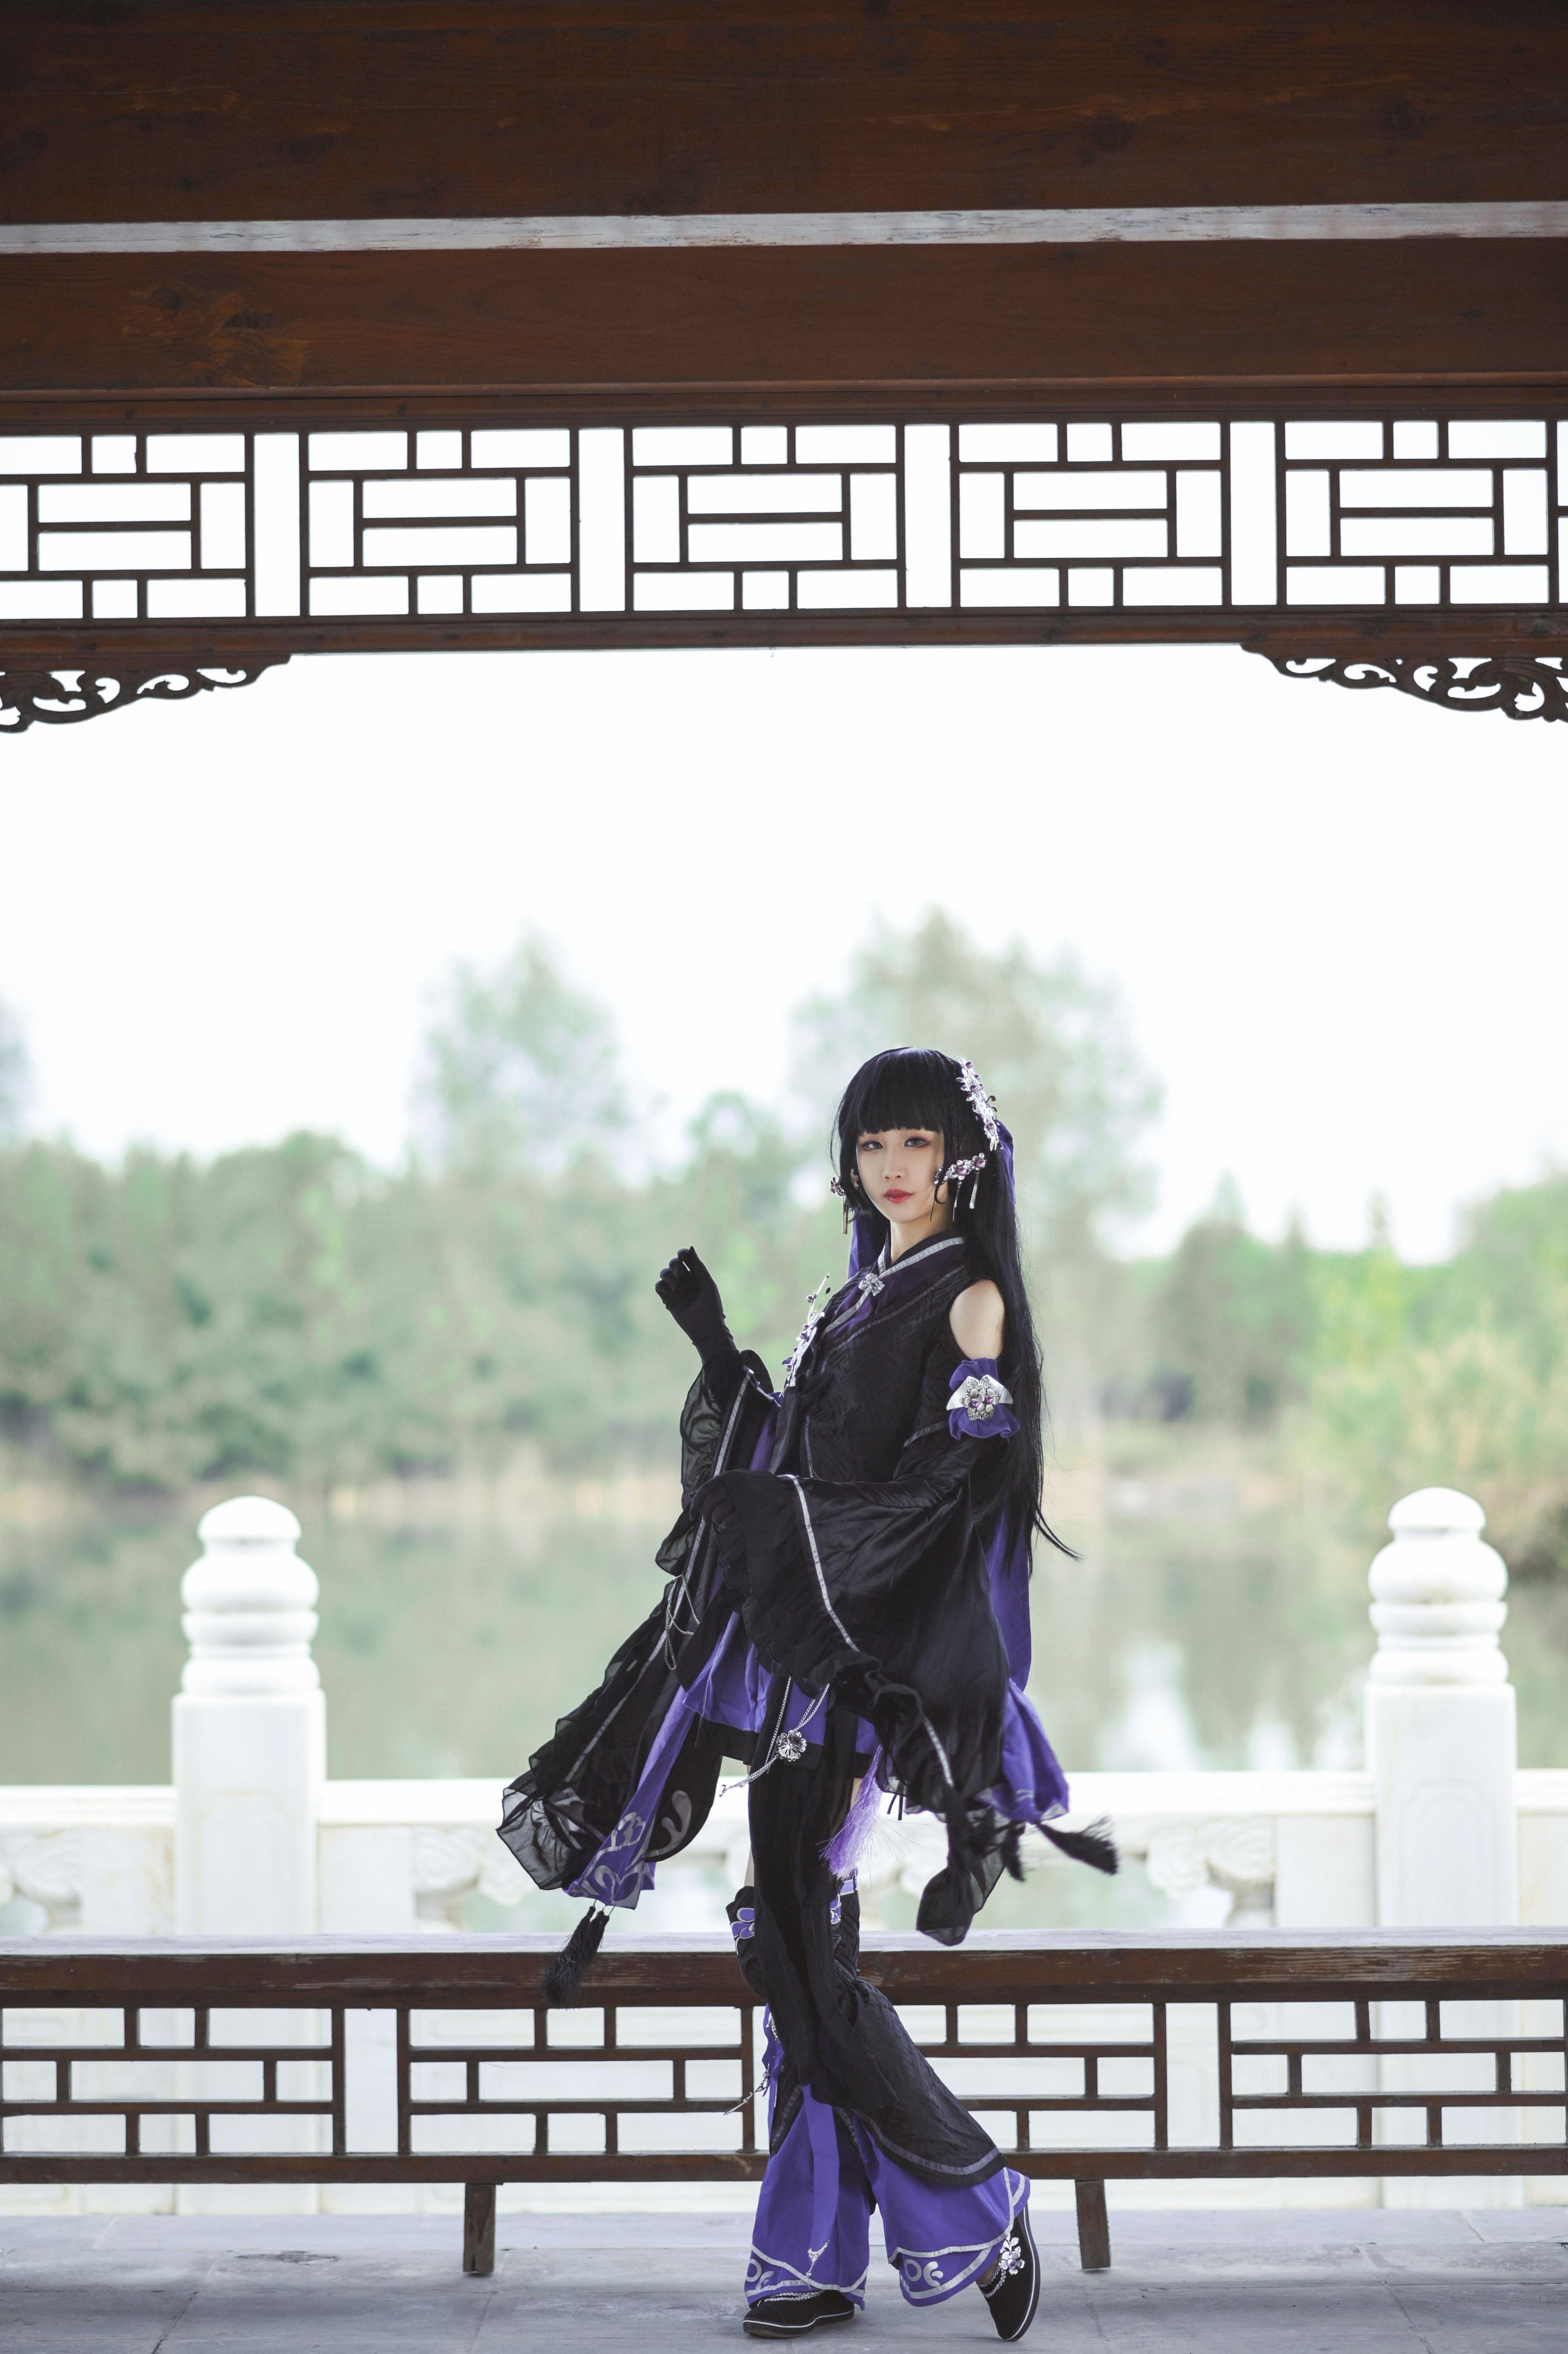 《剑侠情缘网络版叁》游戏cosplay【CN:寄辞于鱼_】-第7张